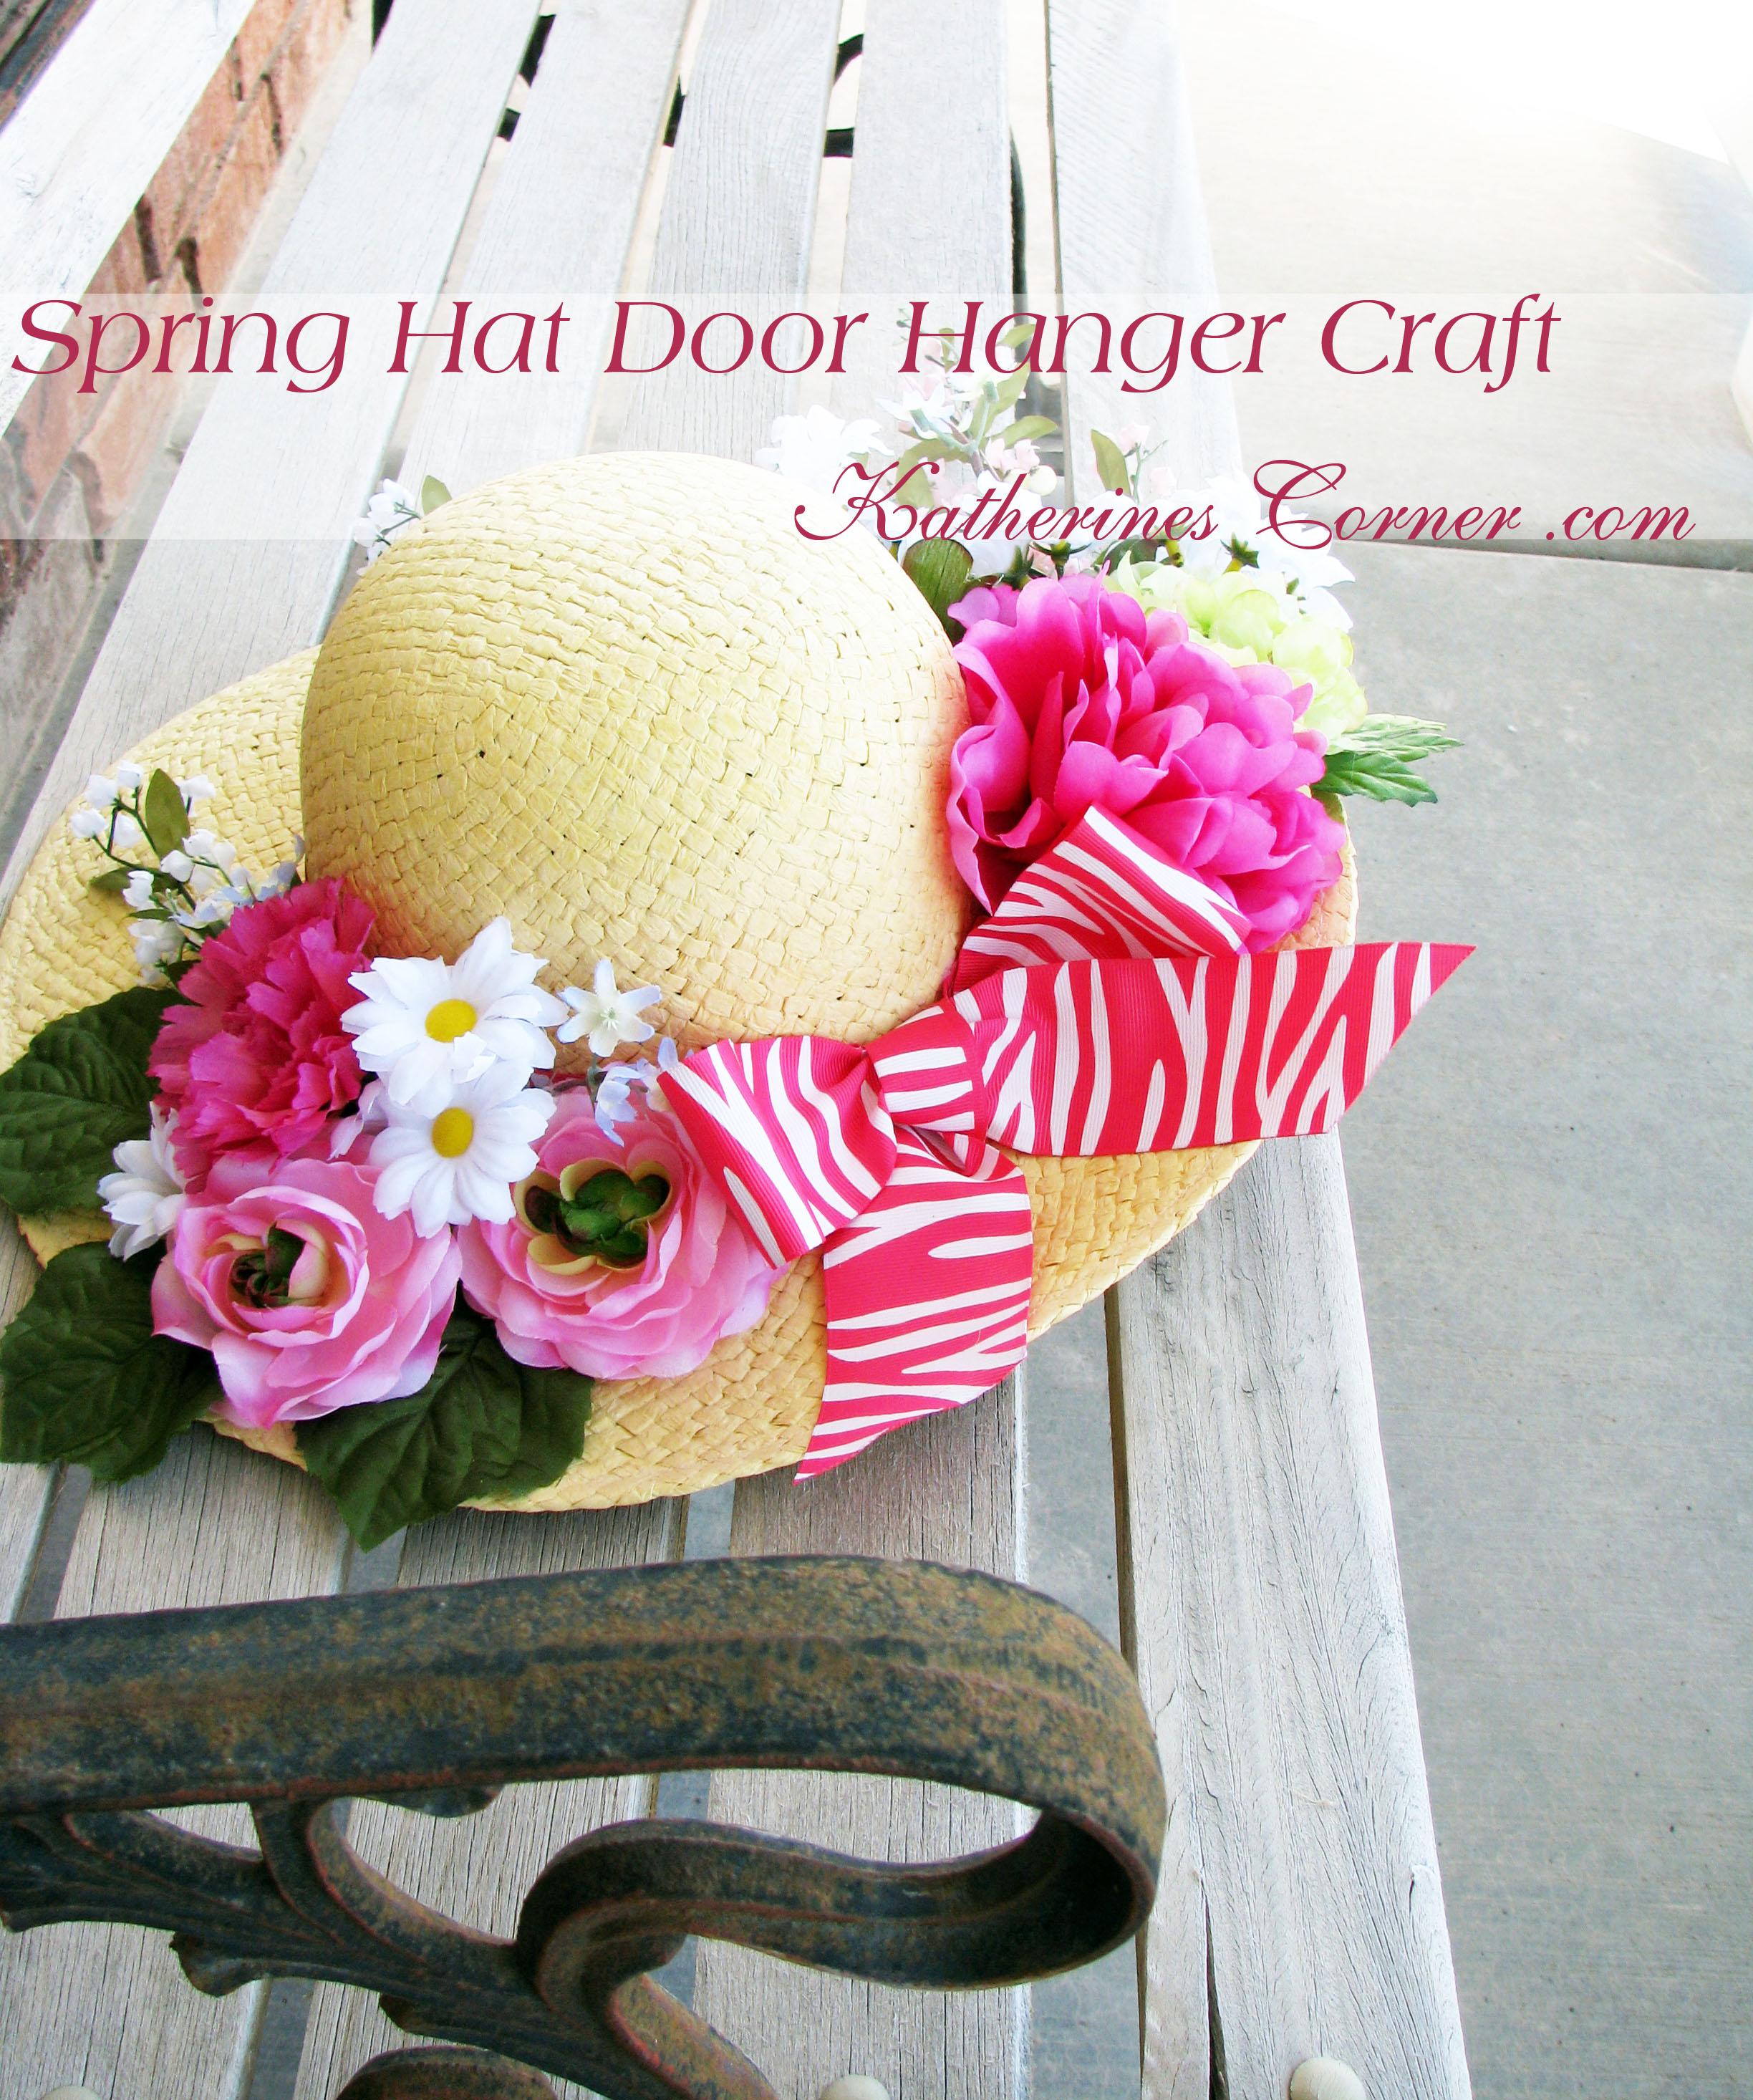 Spring Hat Door Hanger